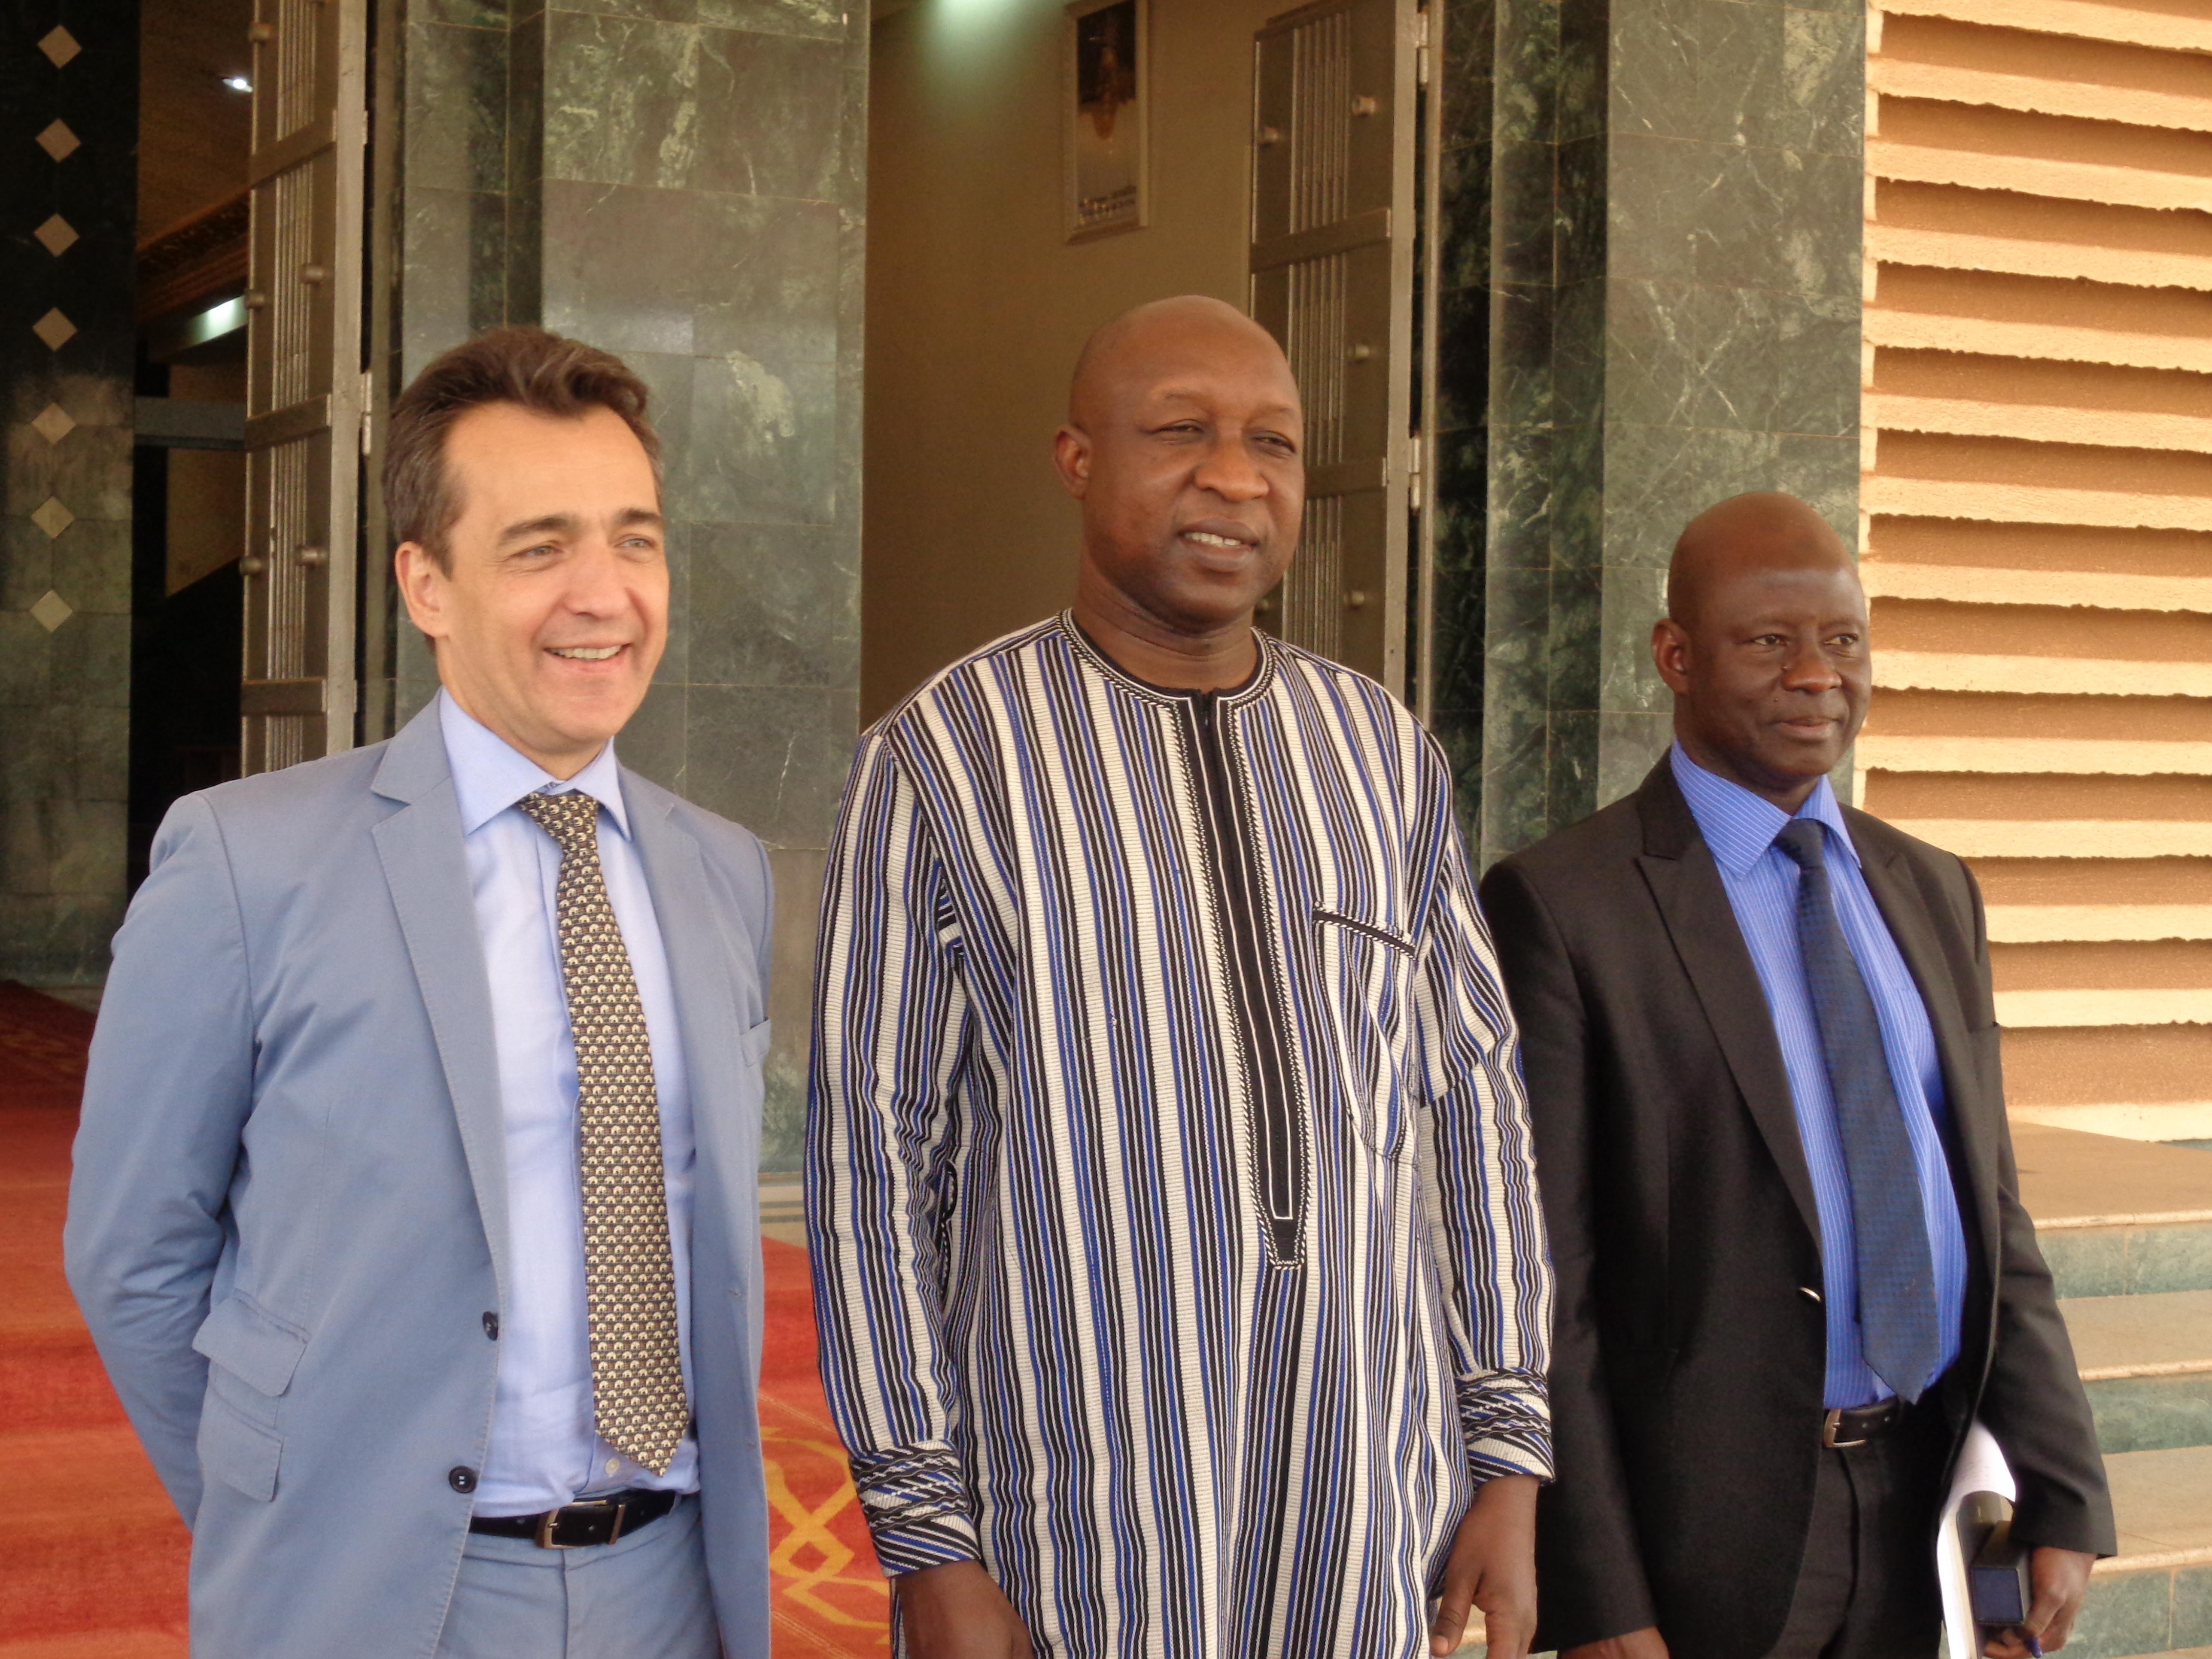 Caisse de dépôt et de consignation : La France veut reproduire son modèle au Burkina